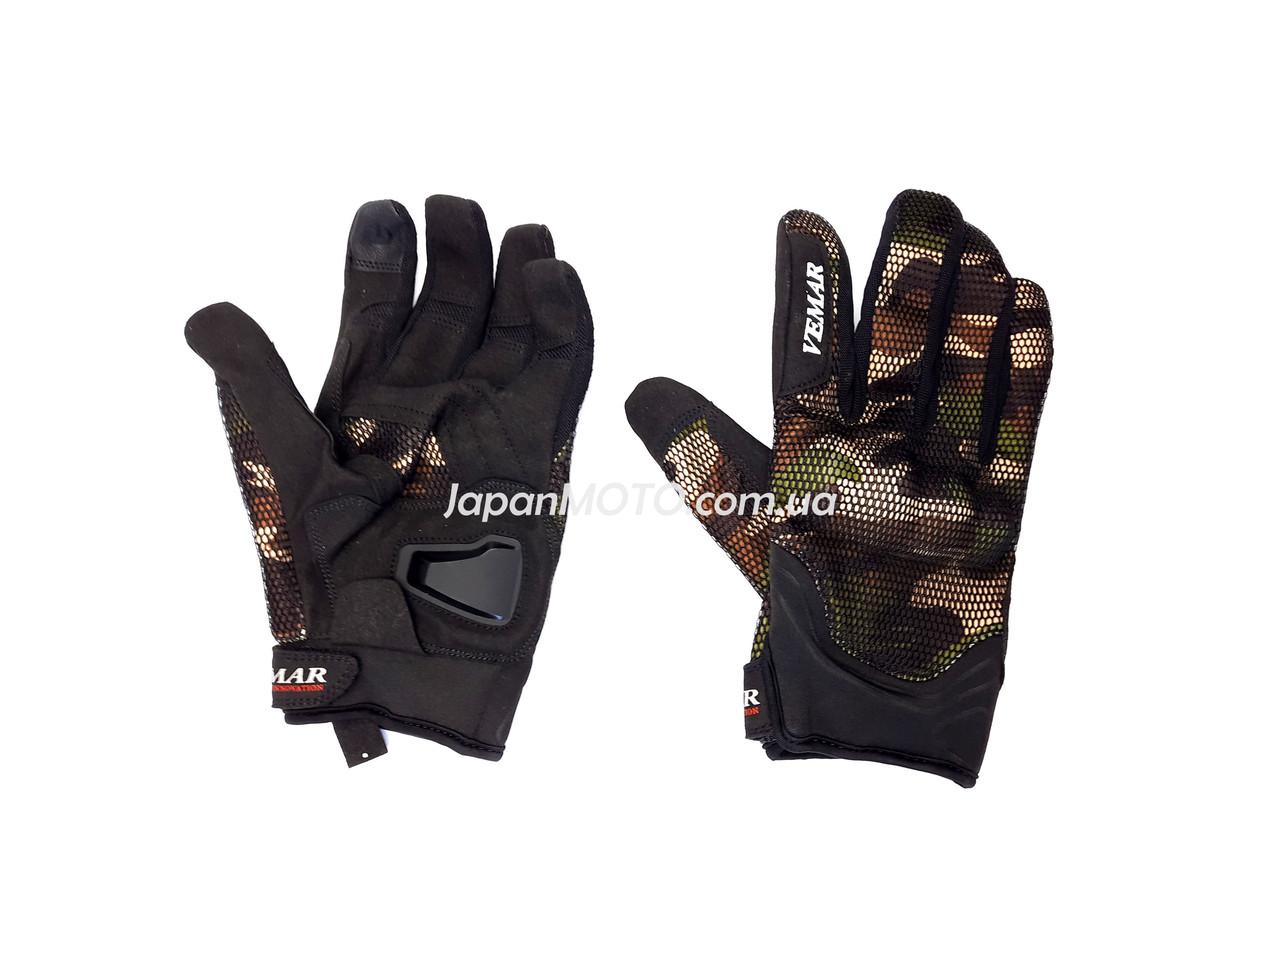 Перчатки VEMAR VE-173 сенсорный палец (size: XL, хаки)